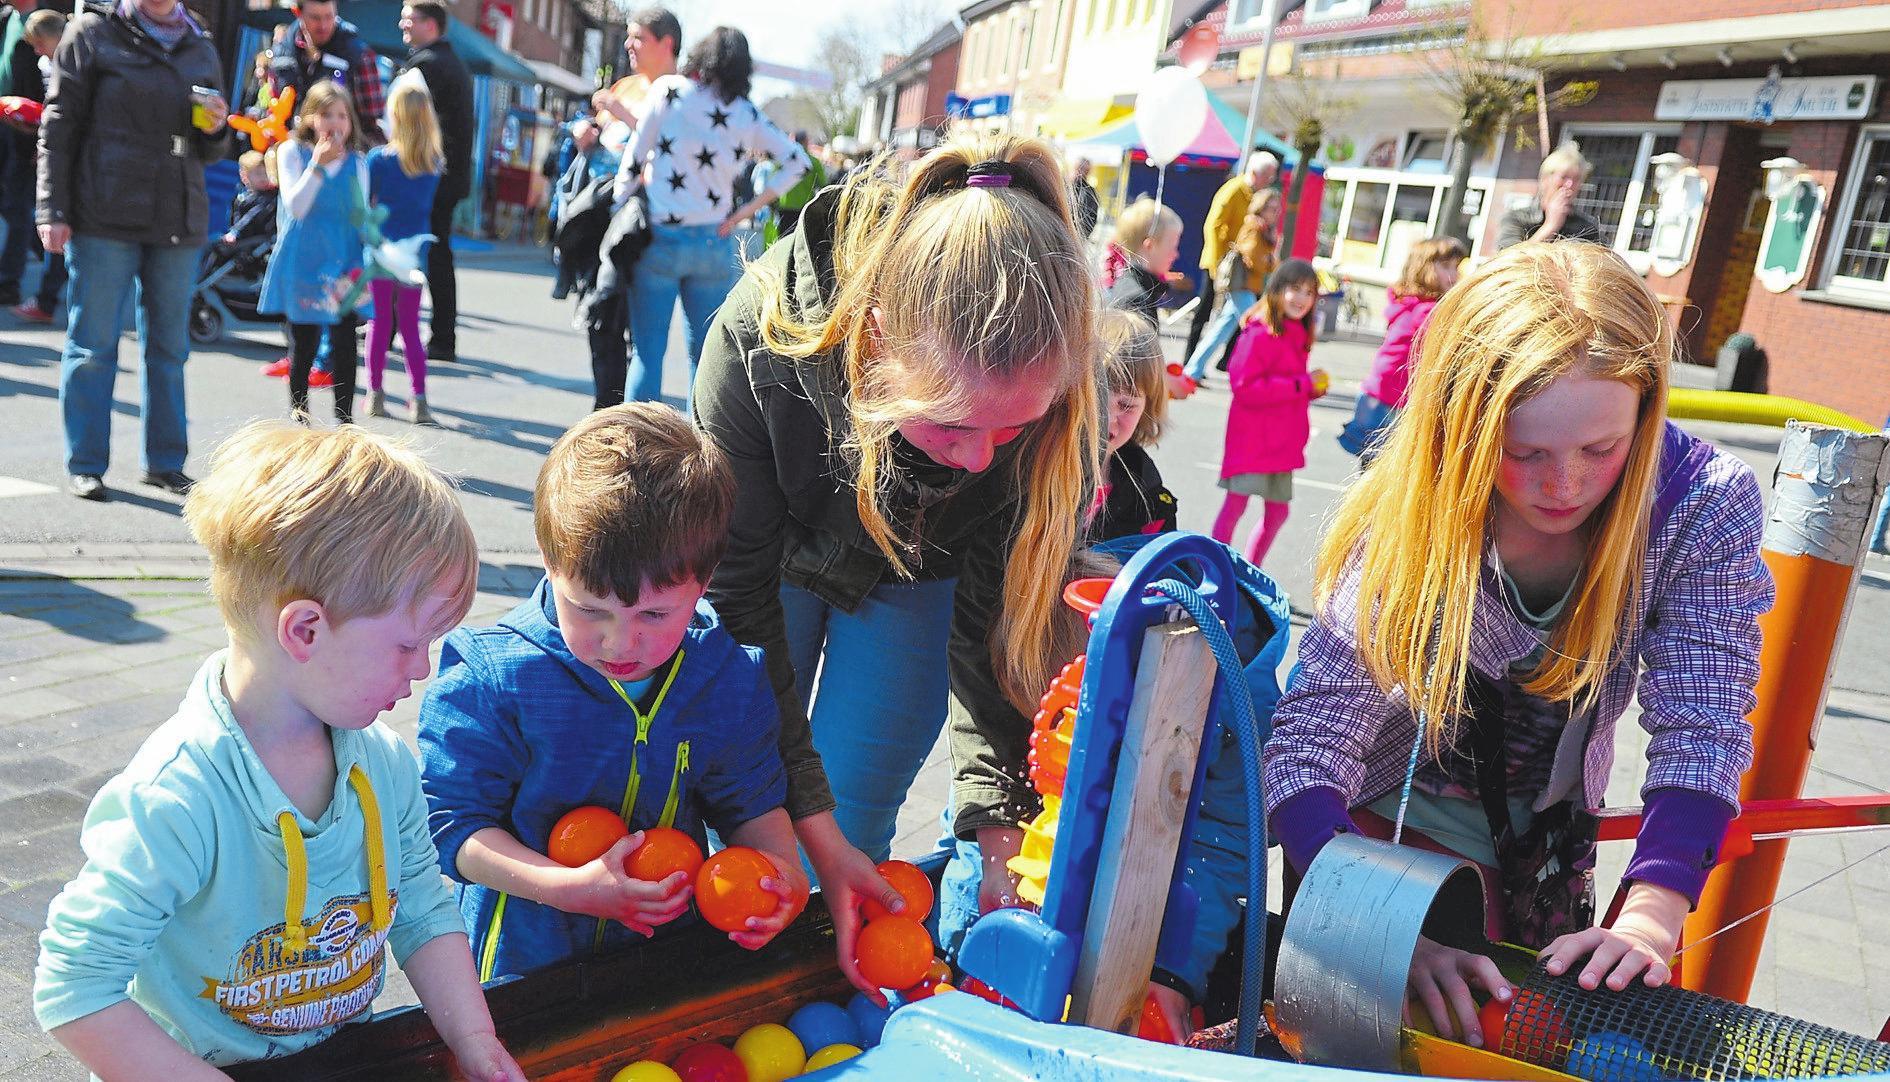 Auch für die kleinen Besucher gibt es am Sonntag ein großes Programm, dass viel Spaß verspricht. Foto: Rupert Joemann